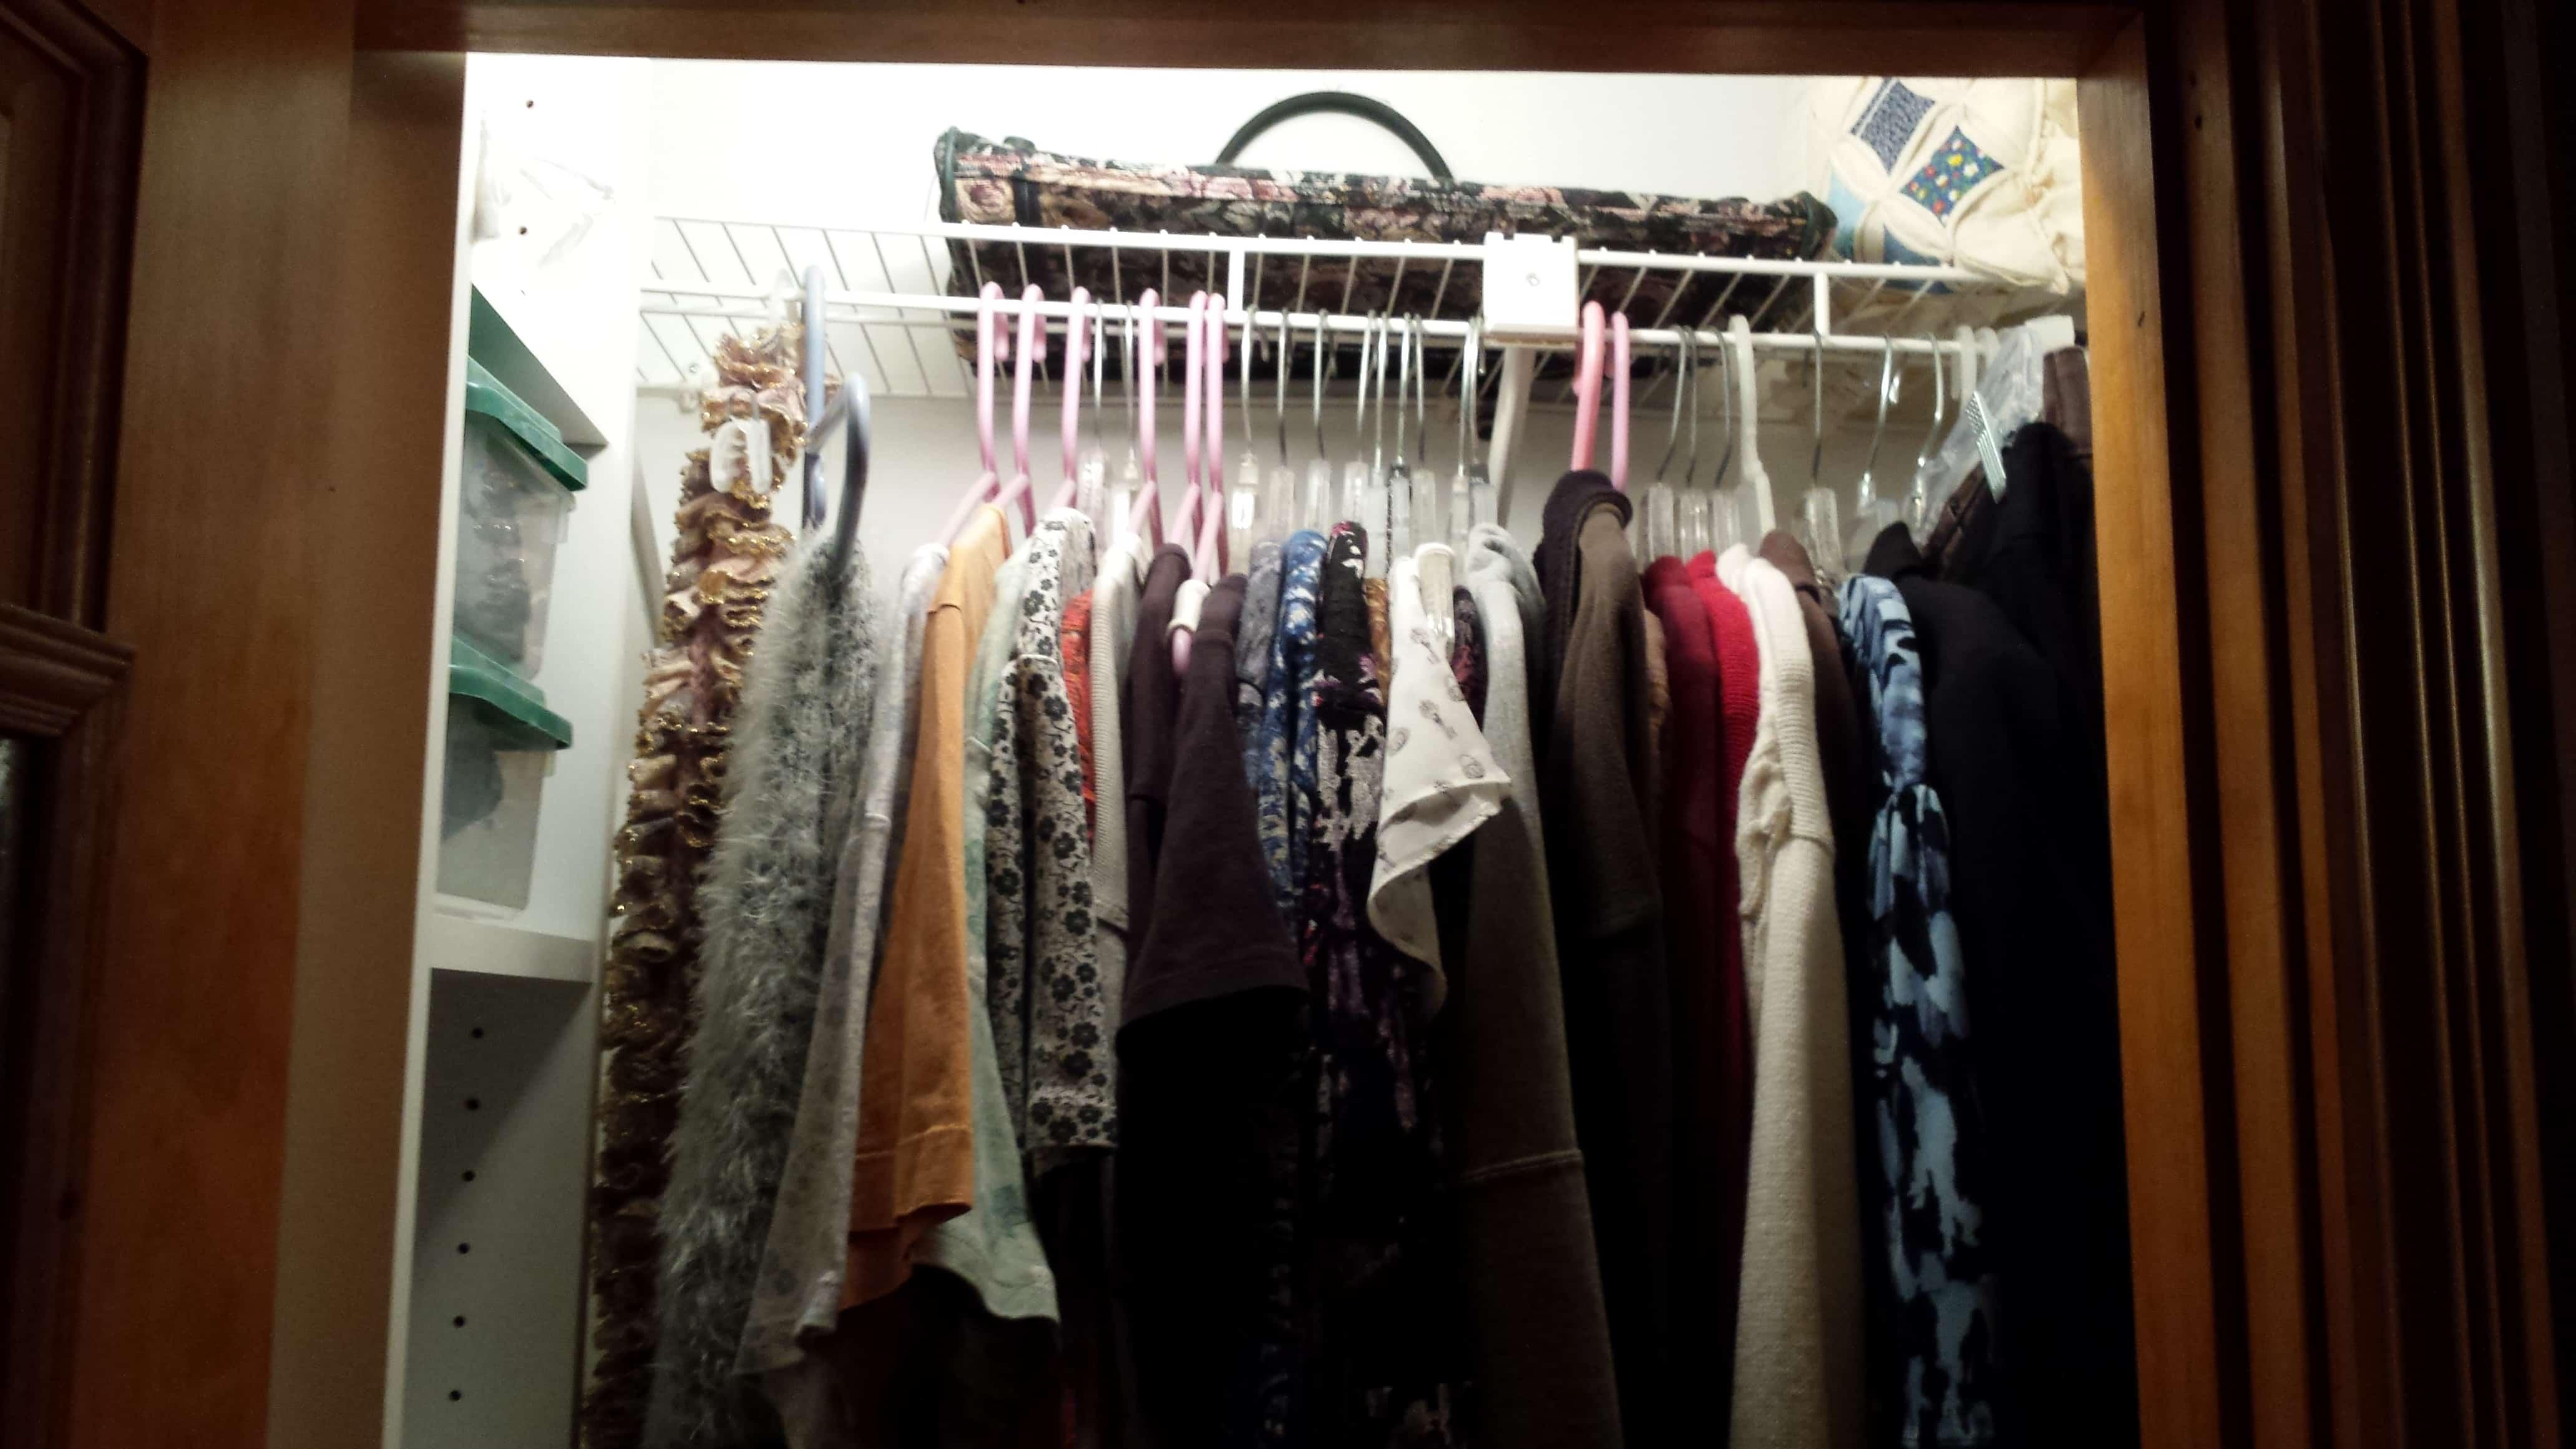 How To Organize A Small Master Closet   Www.fillingthejars.com   My Closet